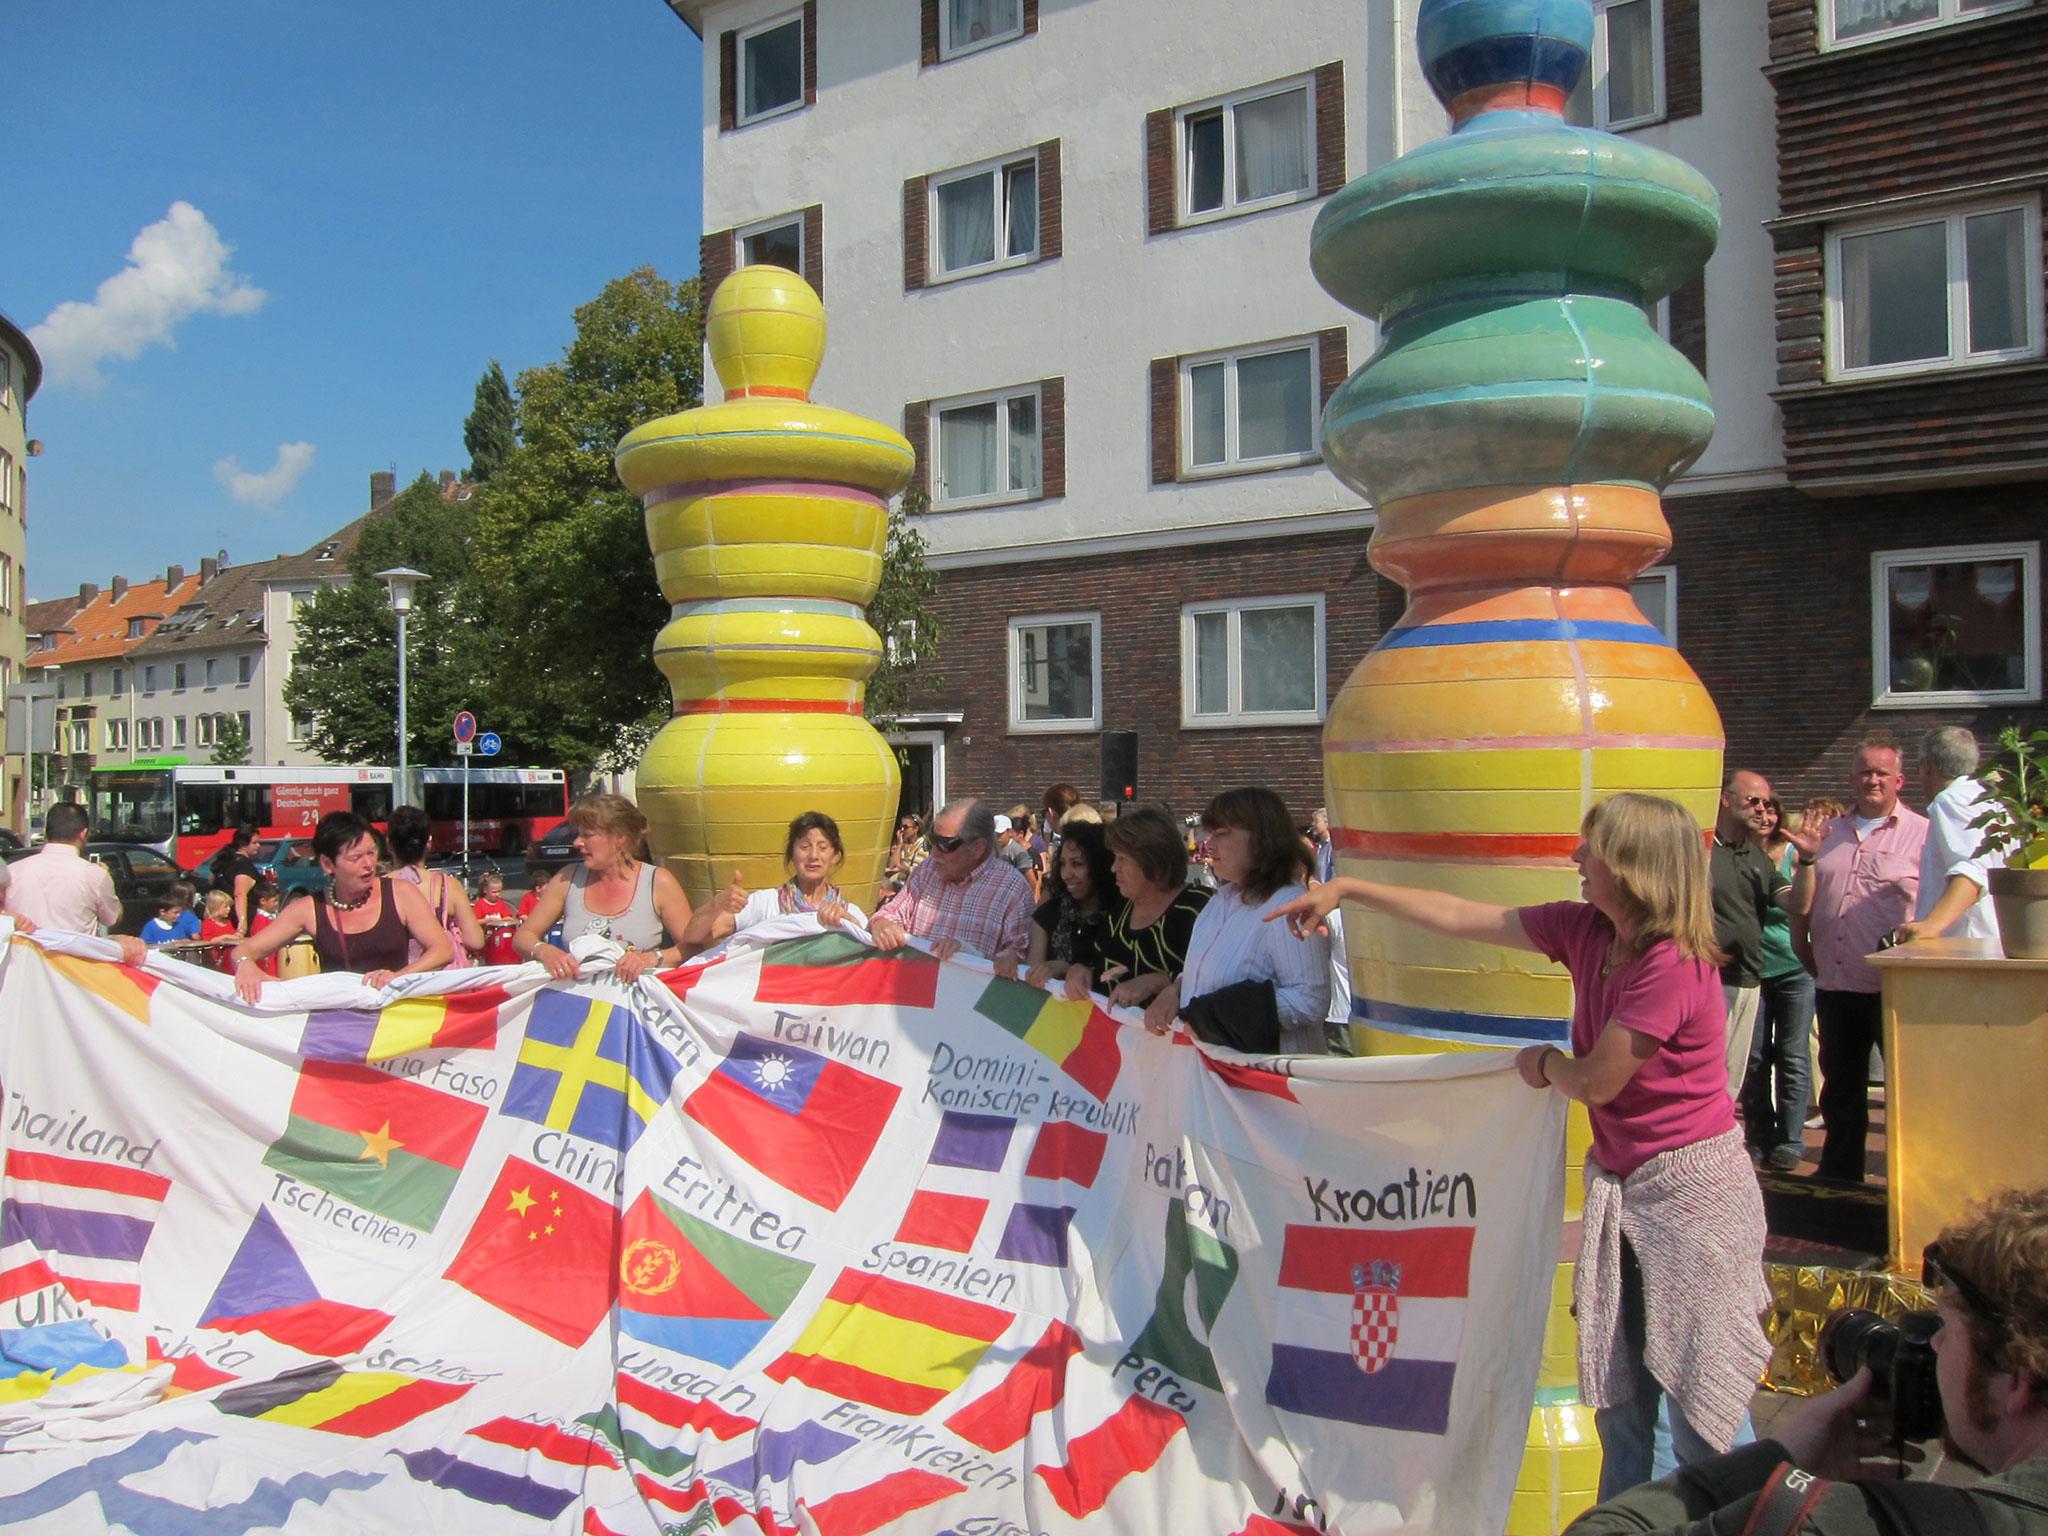 Mehrere Personen halten ein großes Banner, auf dem zahlreiche Nationalflaggen abgebildet sind.